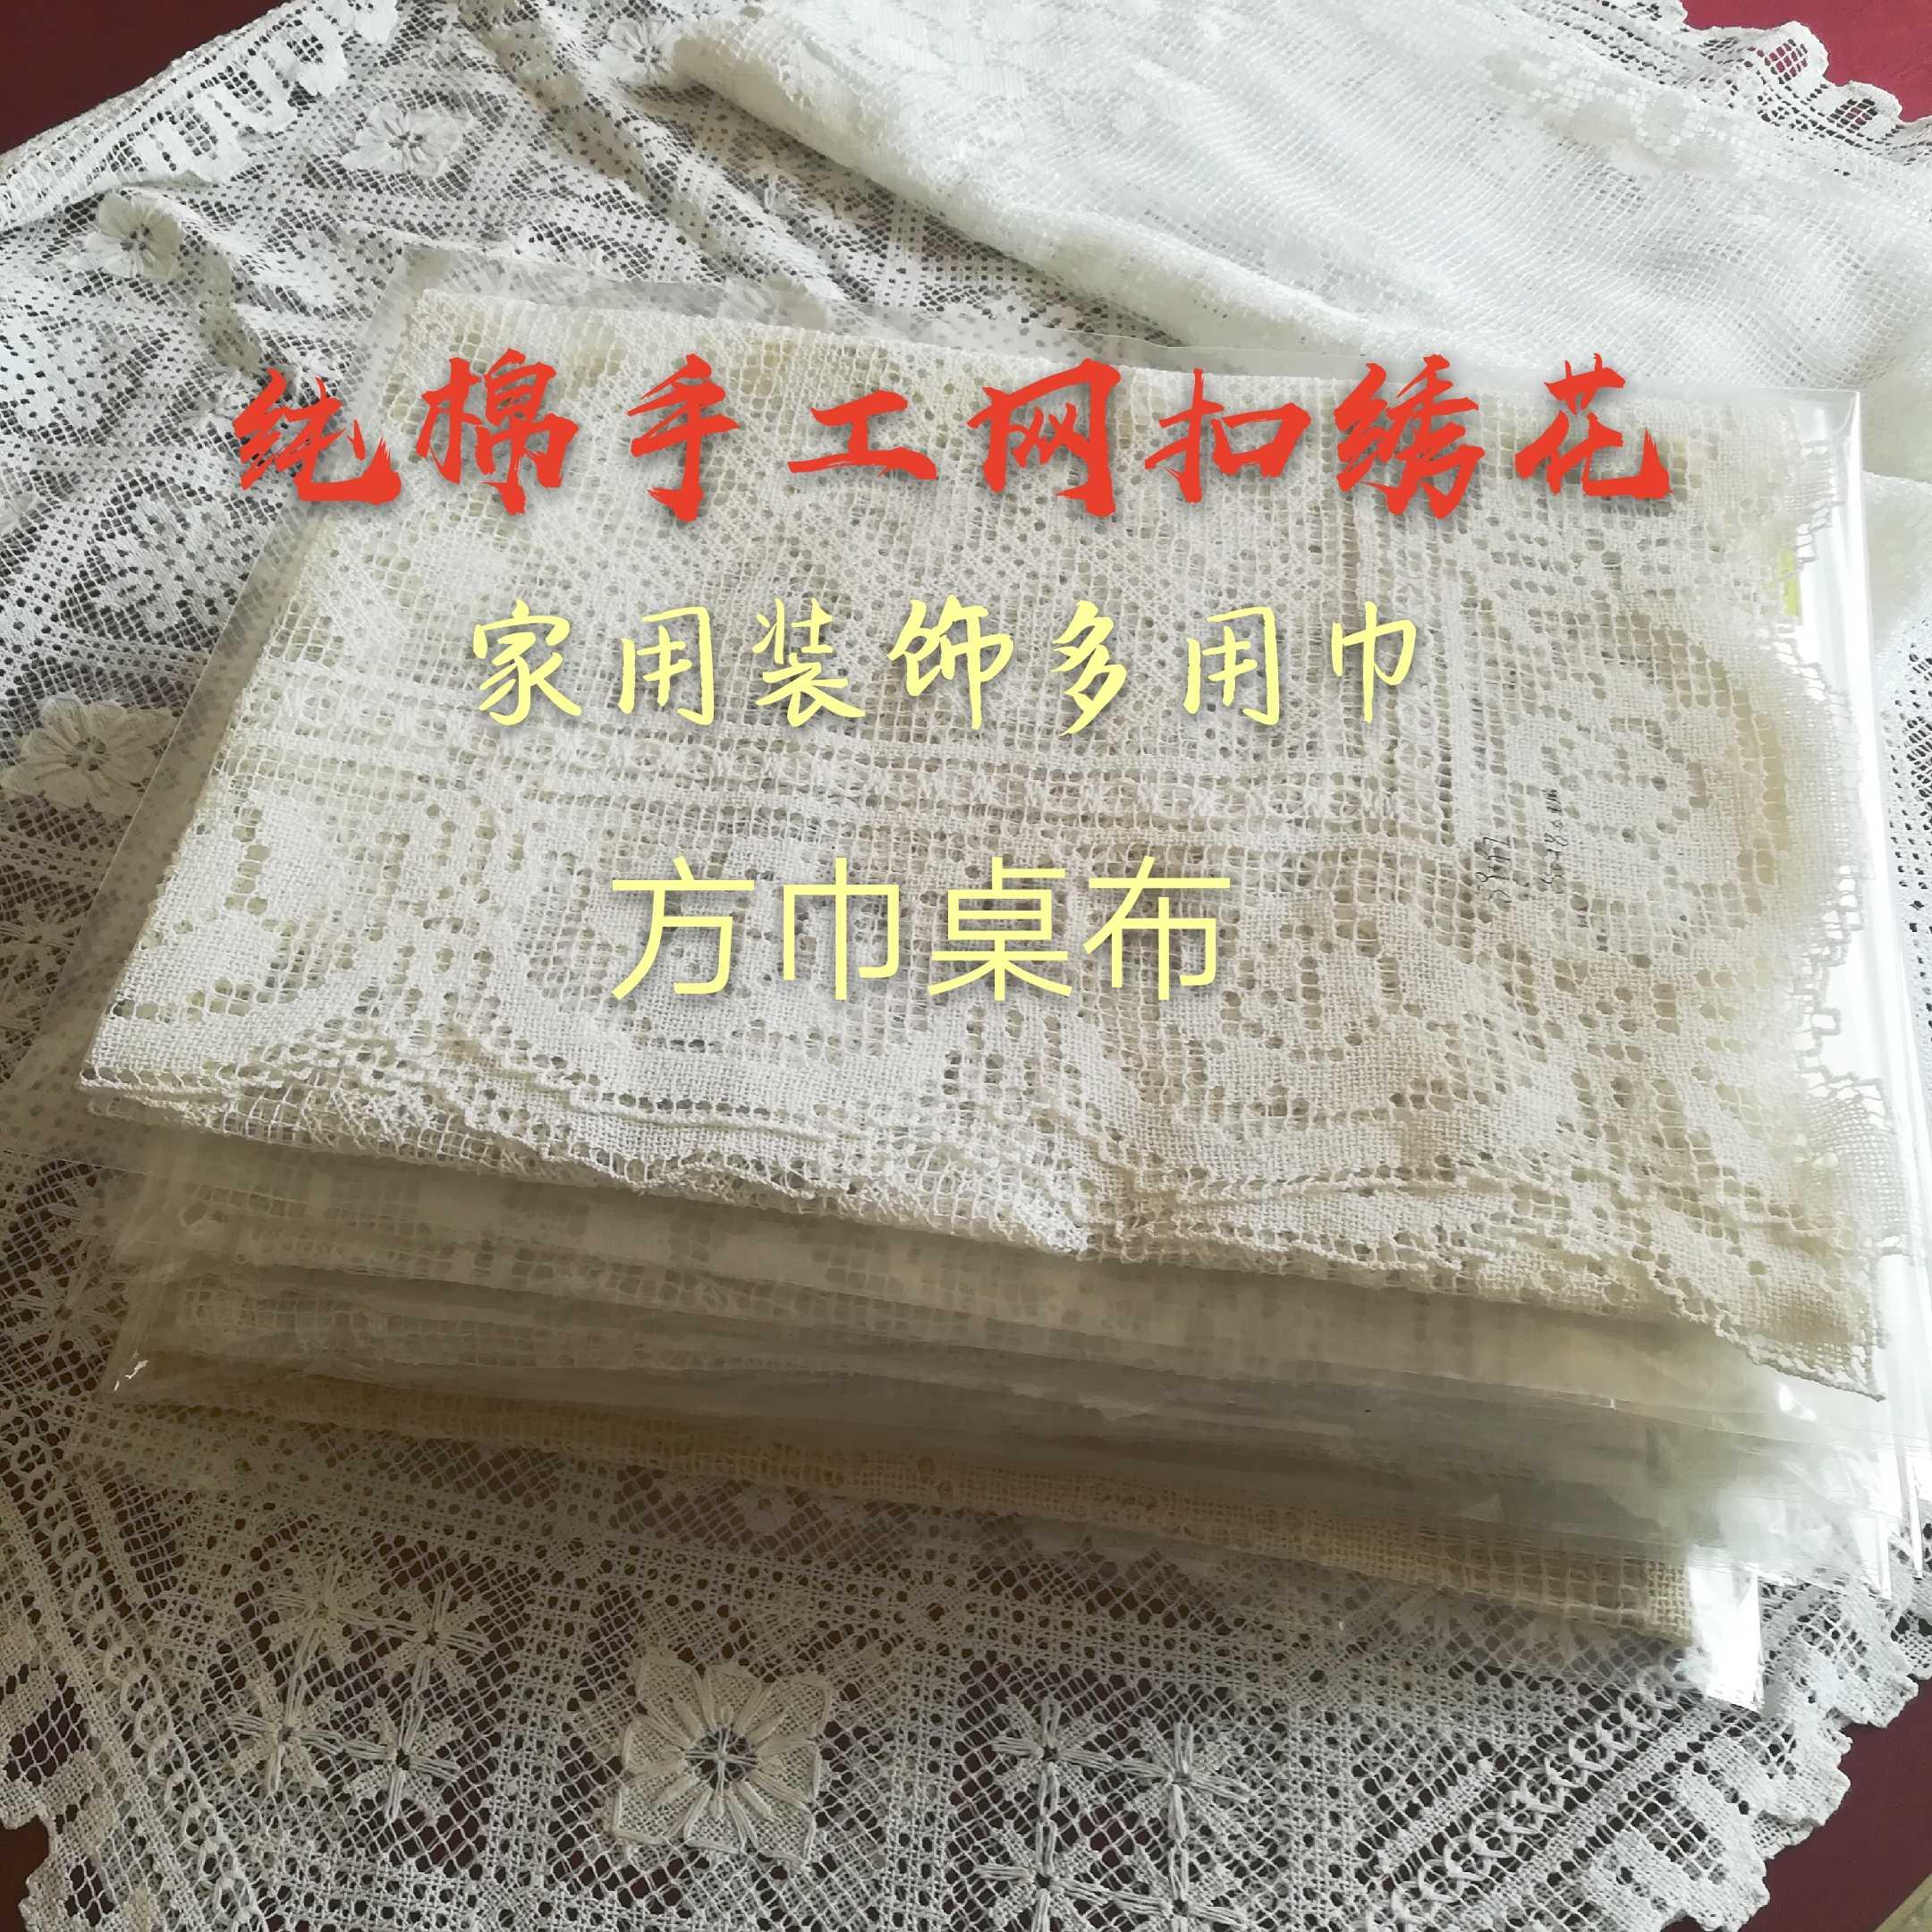 Для импорта Экспорт старых товаров чистый хлопок ручная работа Вышивка декоративная полотенце ткань универсальное полотенце полотенце для телевизора ограниченные продажи